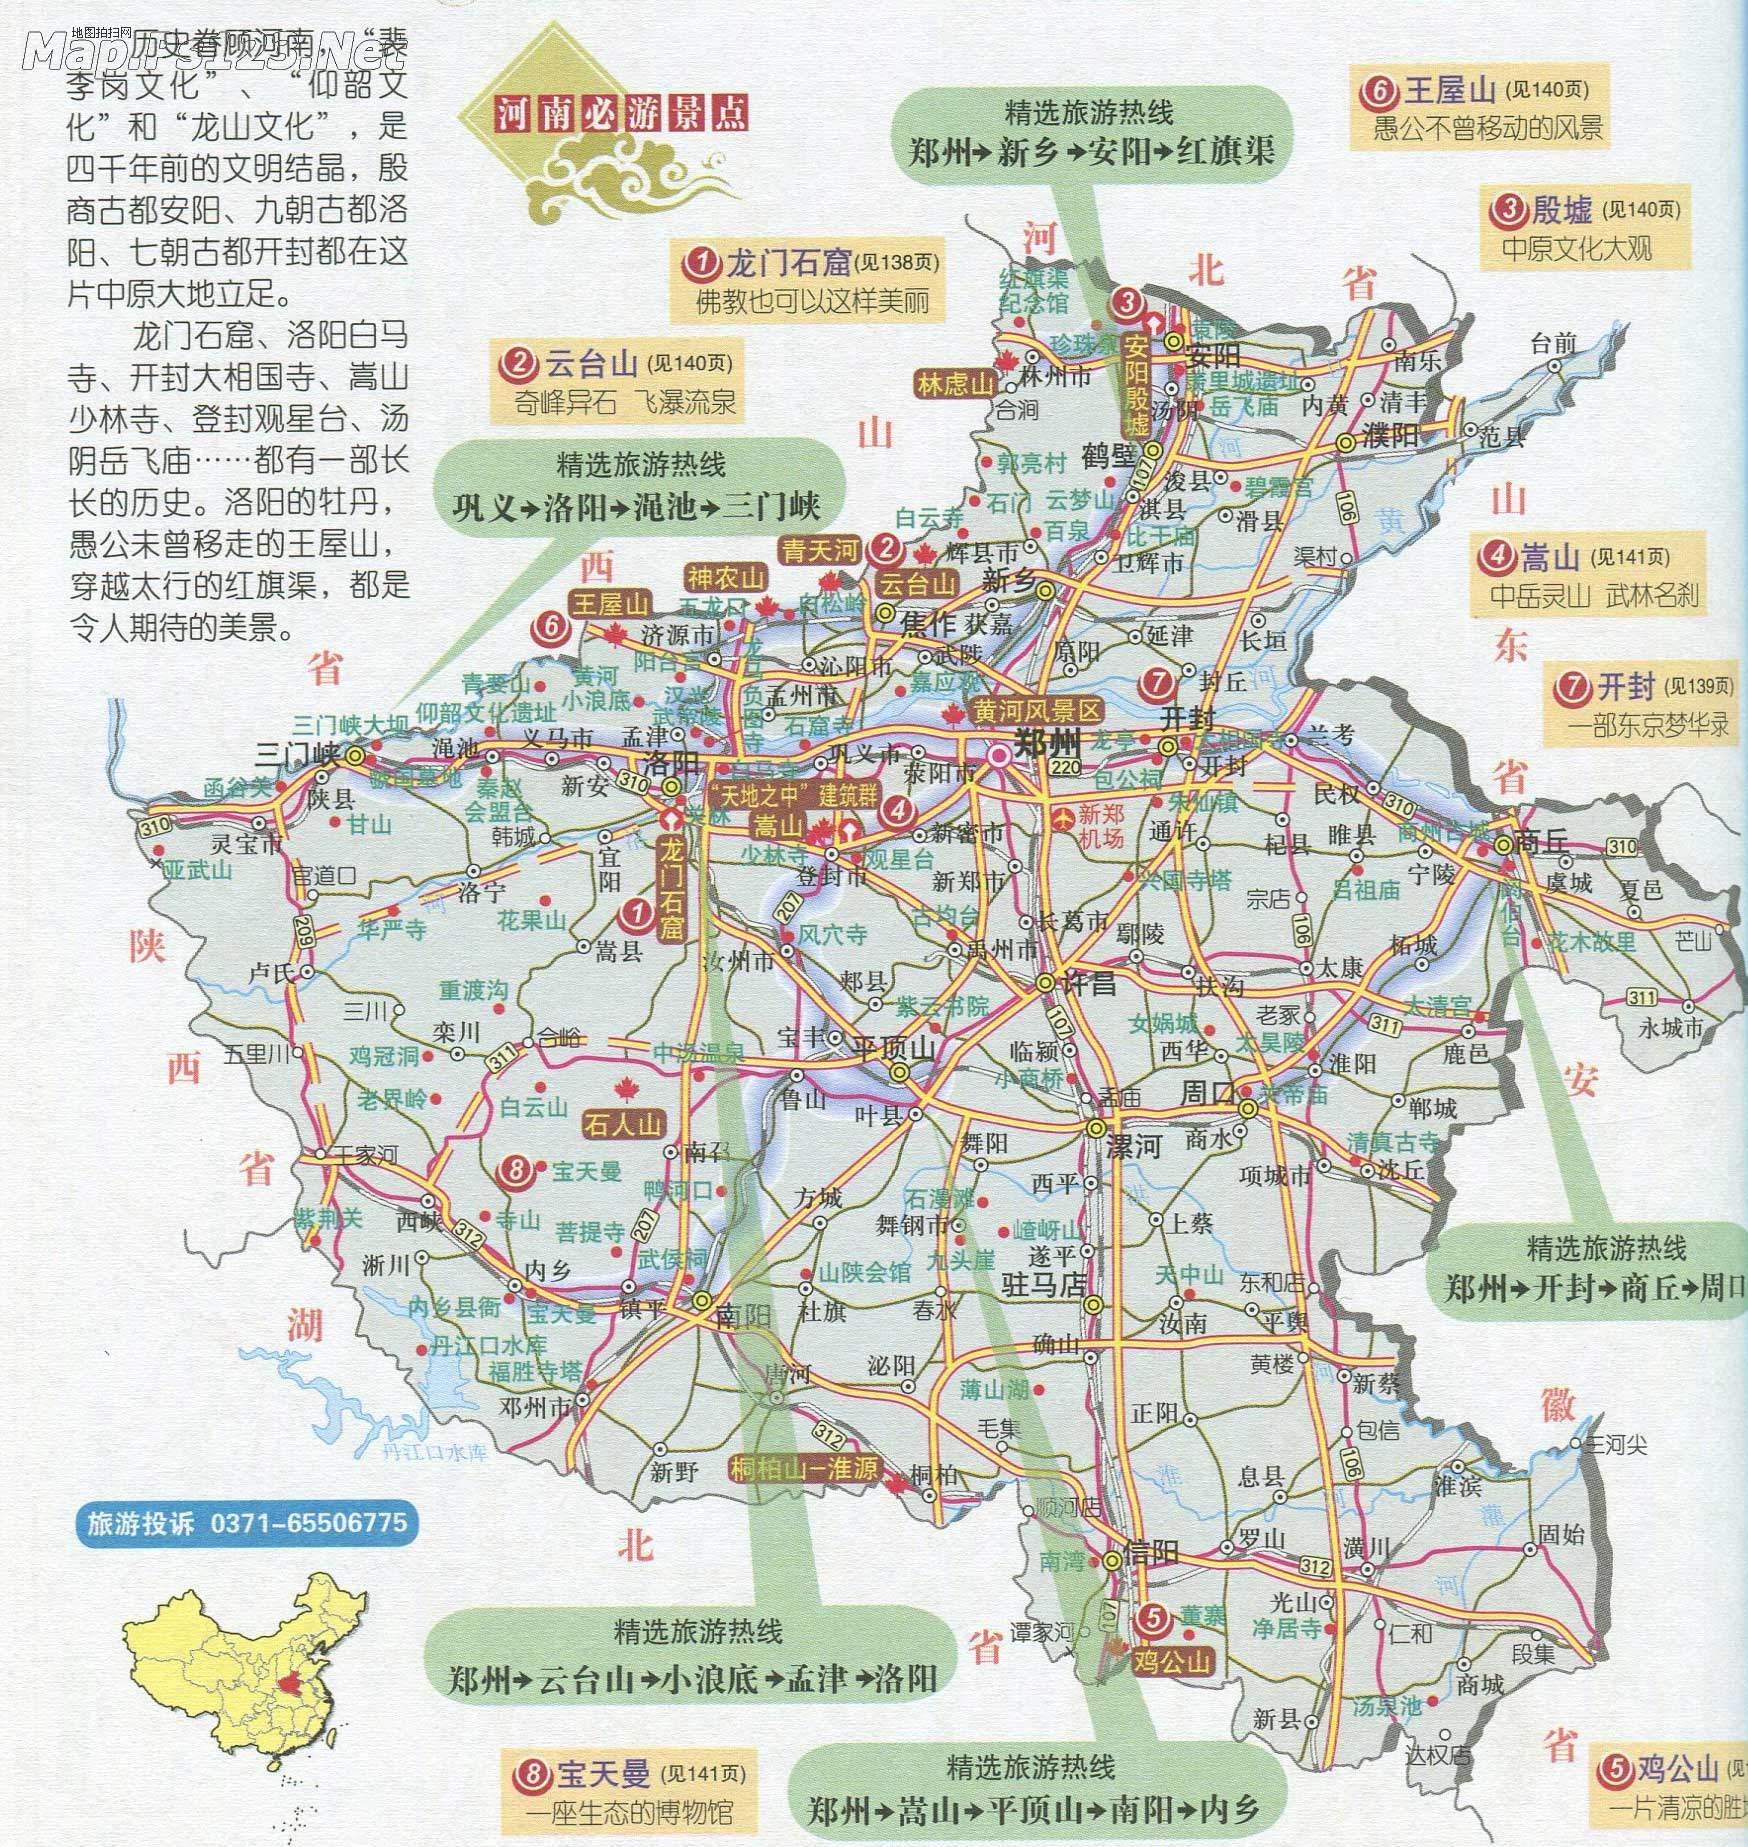 河南必游旅游景点_必游景点地图库_地图窝